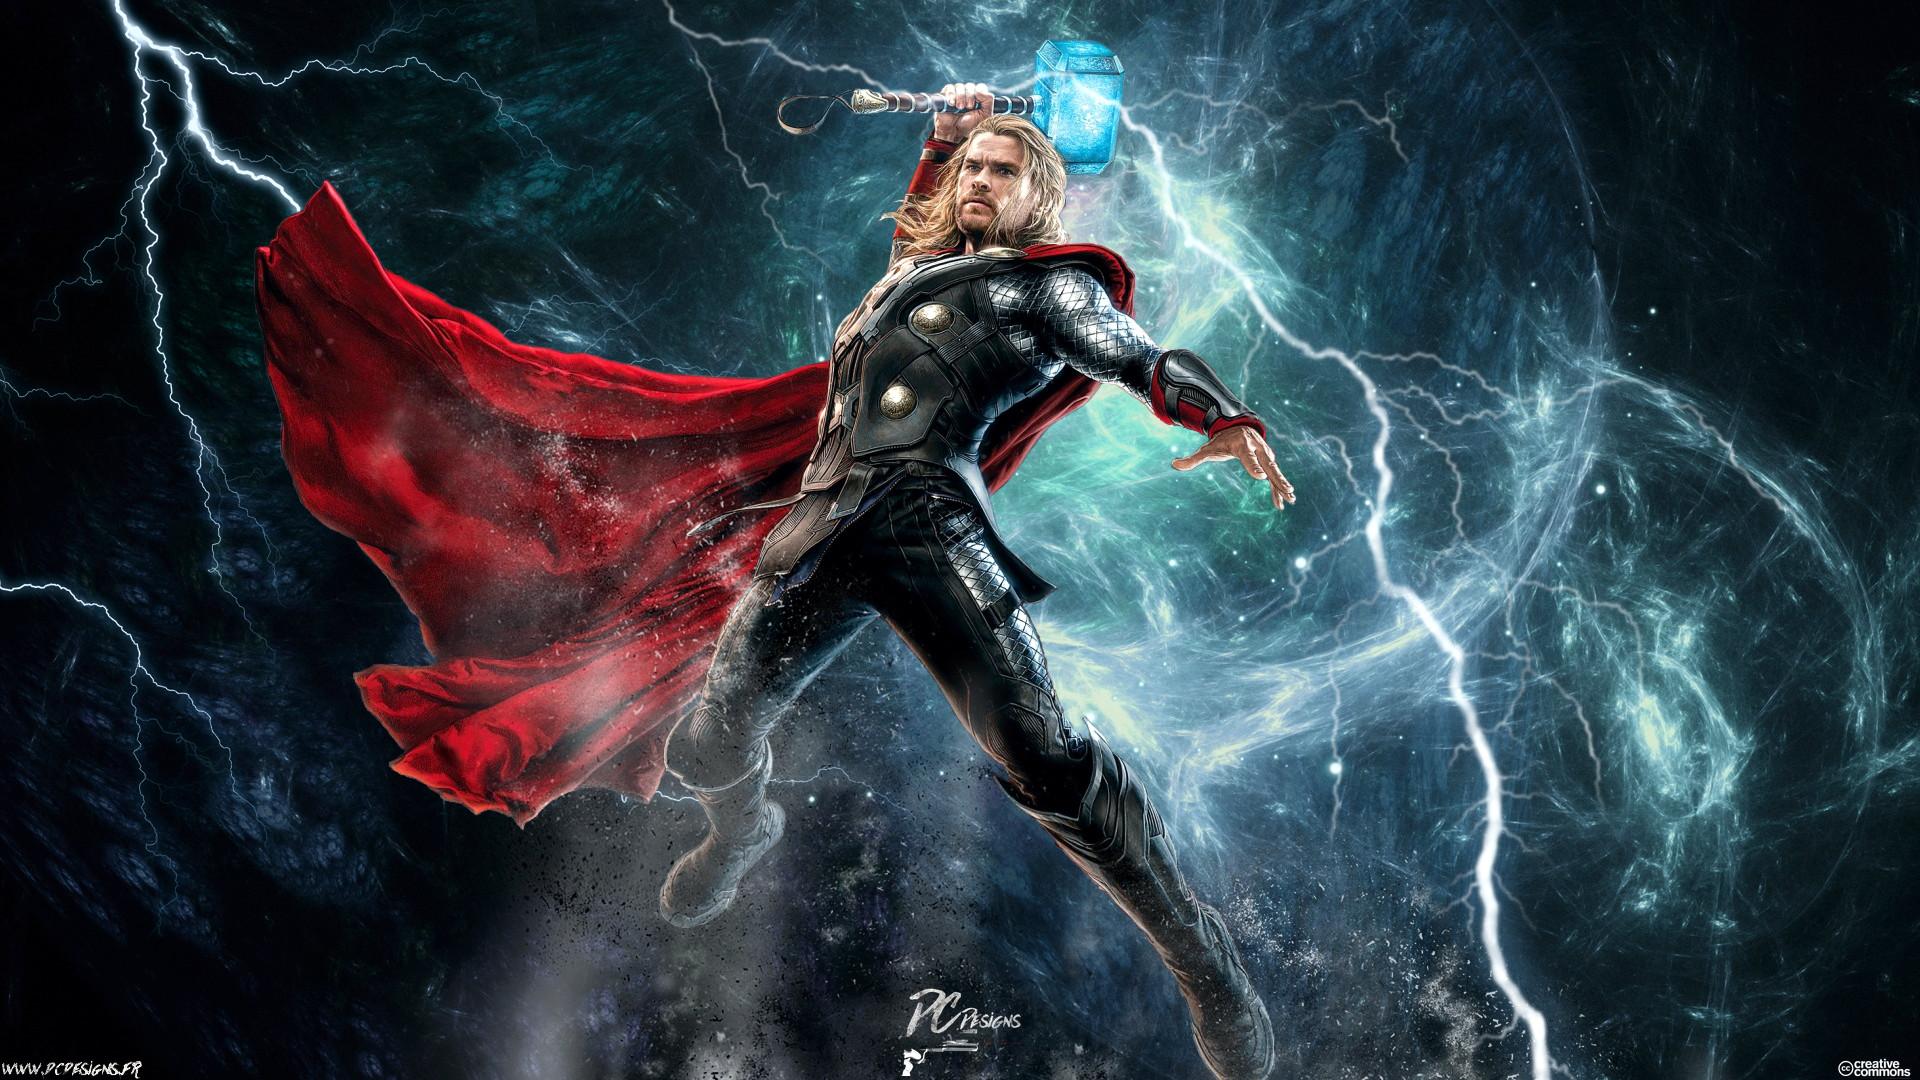 The Avengers: Avengers 4K Wallpaper (53+ Images